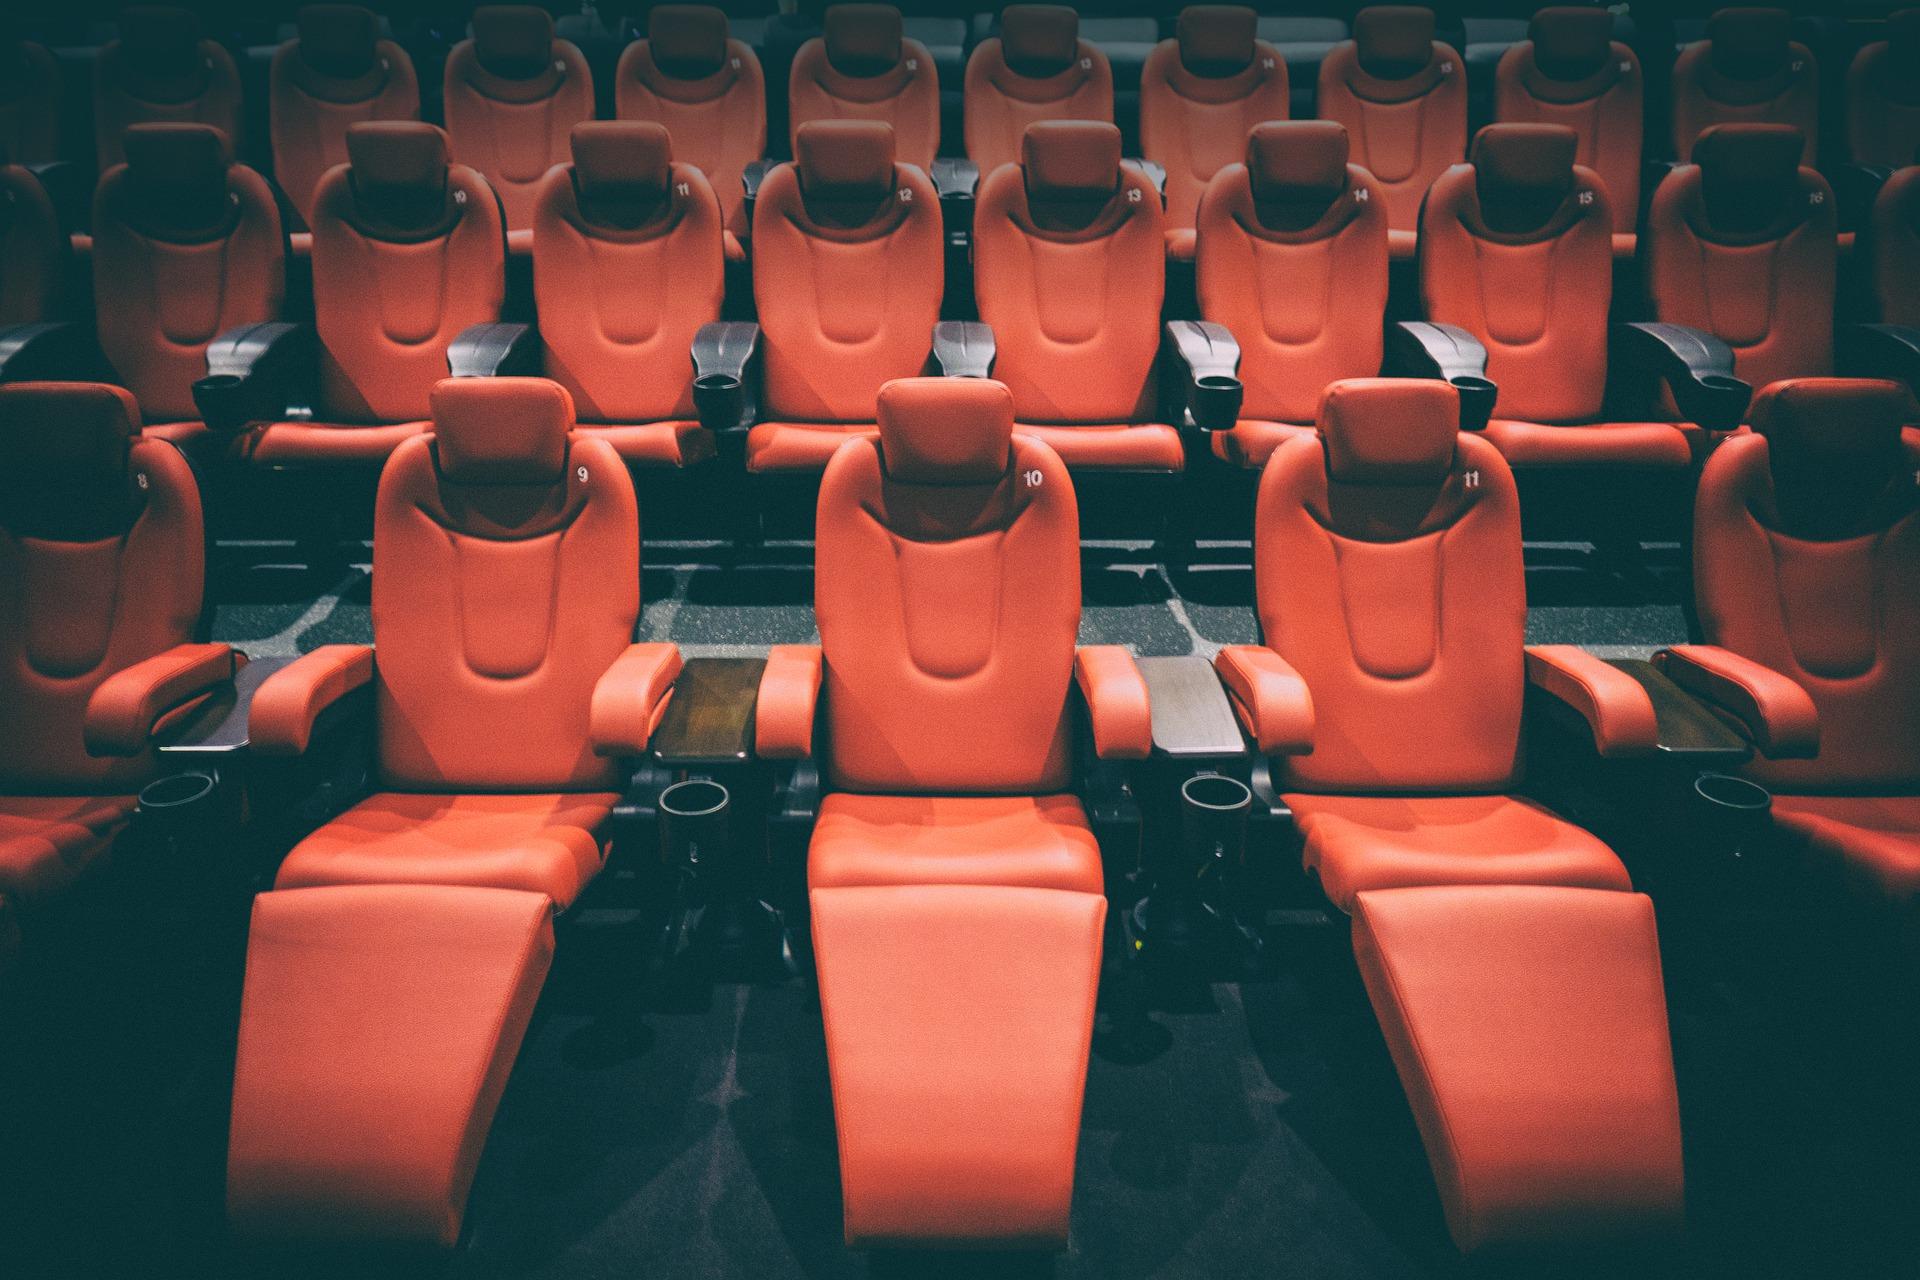 映画館デートにおすすめな特別席【選び方】